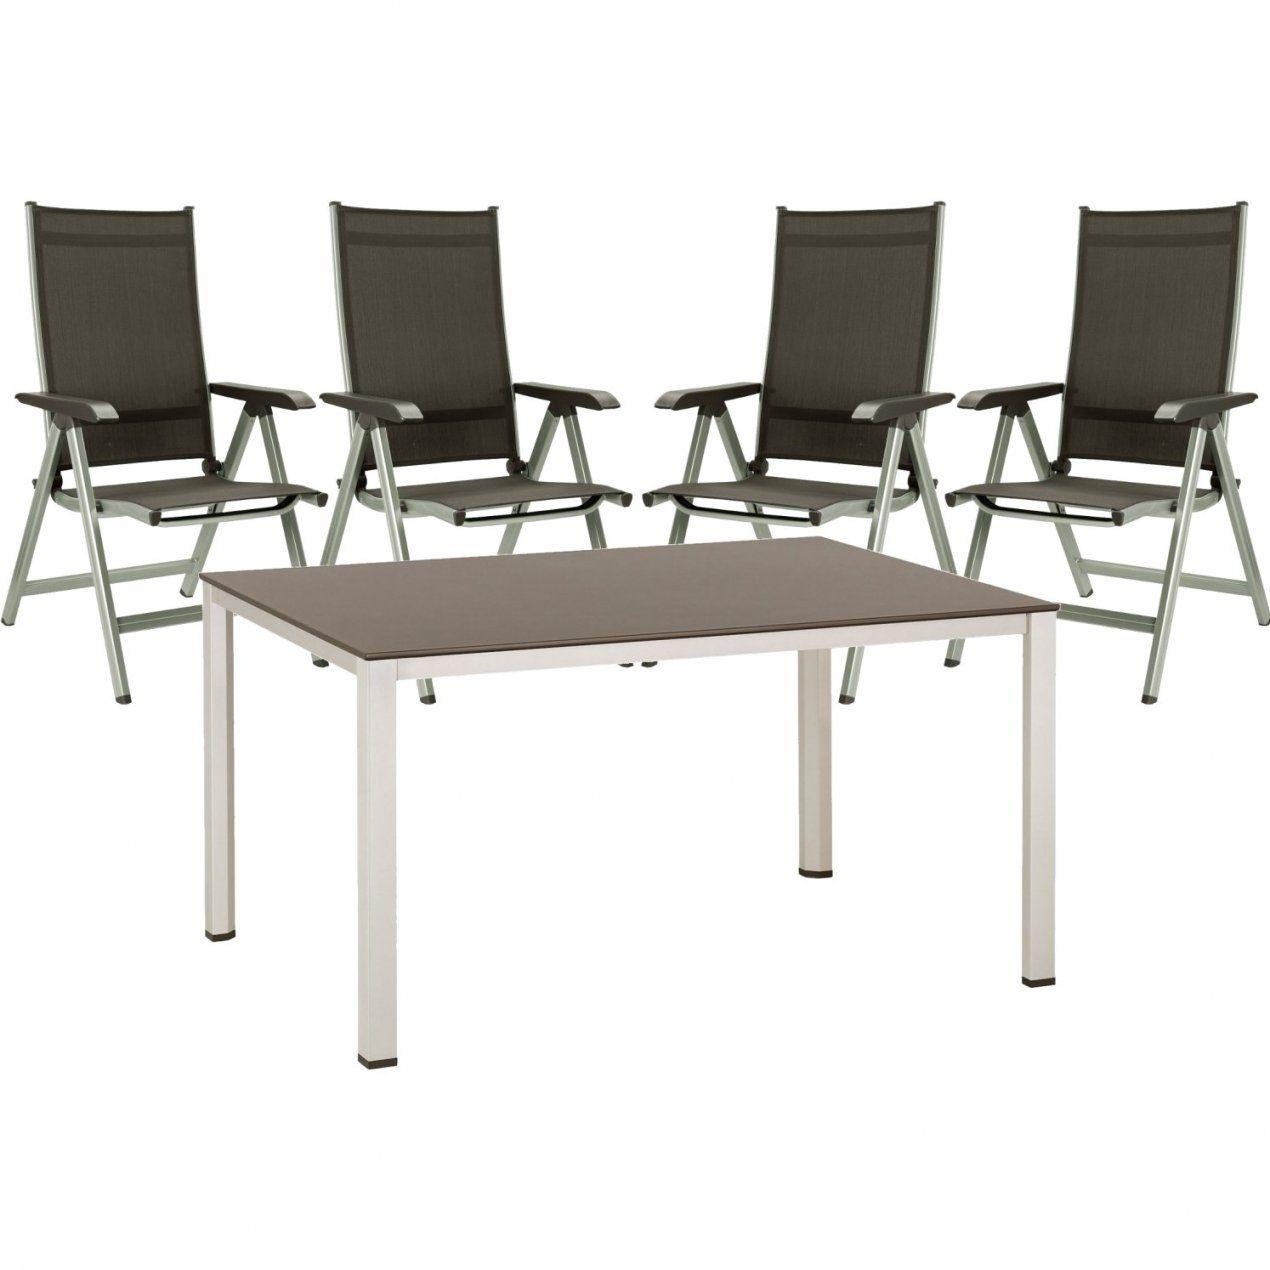 Kettler Basic Plus Tisch Mit Garden Furniture Set Best 13 Und von Kettler Basic Plus Champagner Mocca Bild